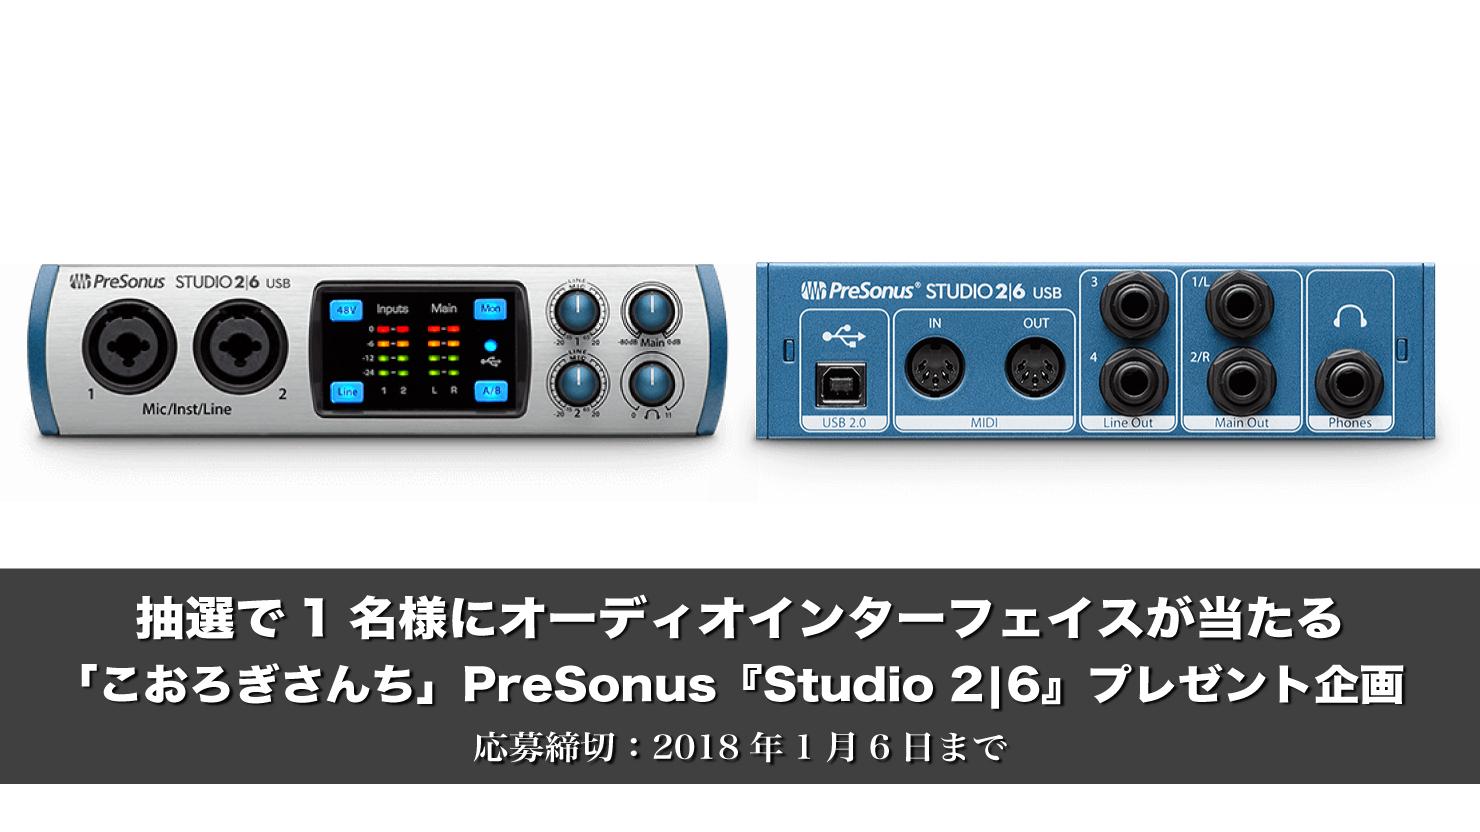 【応募締切1月6日まで】抽選で1名様にPreSonus『Studio 2 6』が当たる「こおろぎさんち」のプレゼント企画